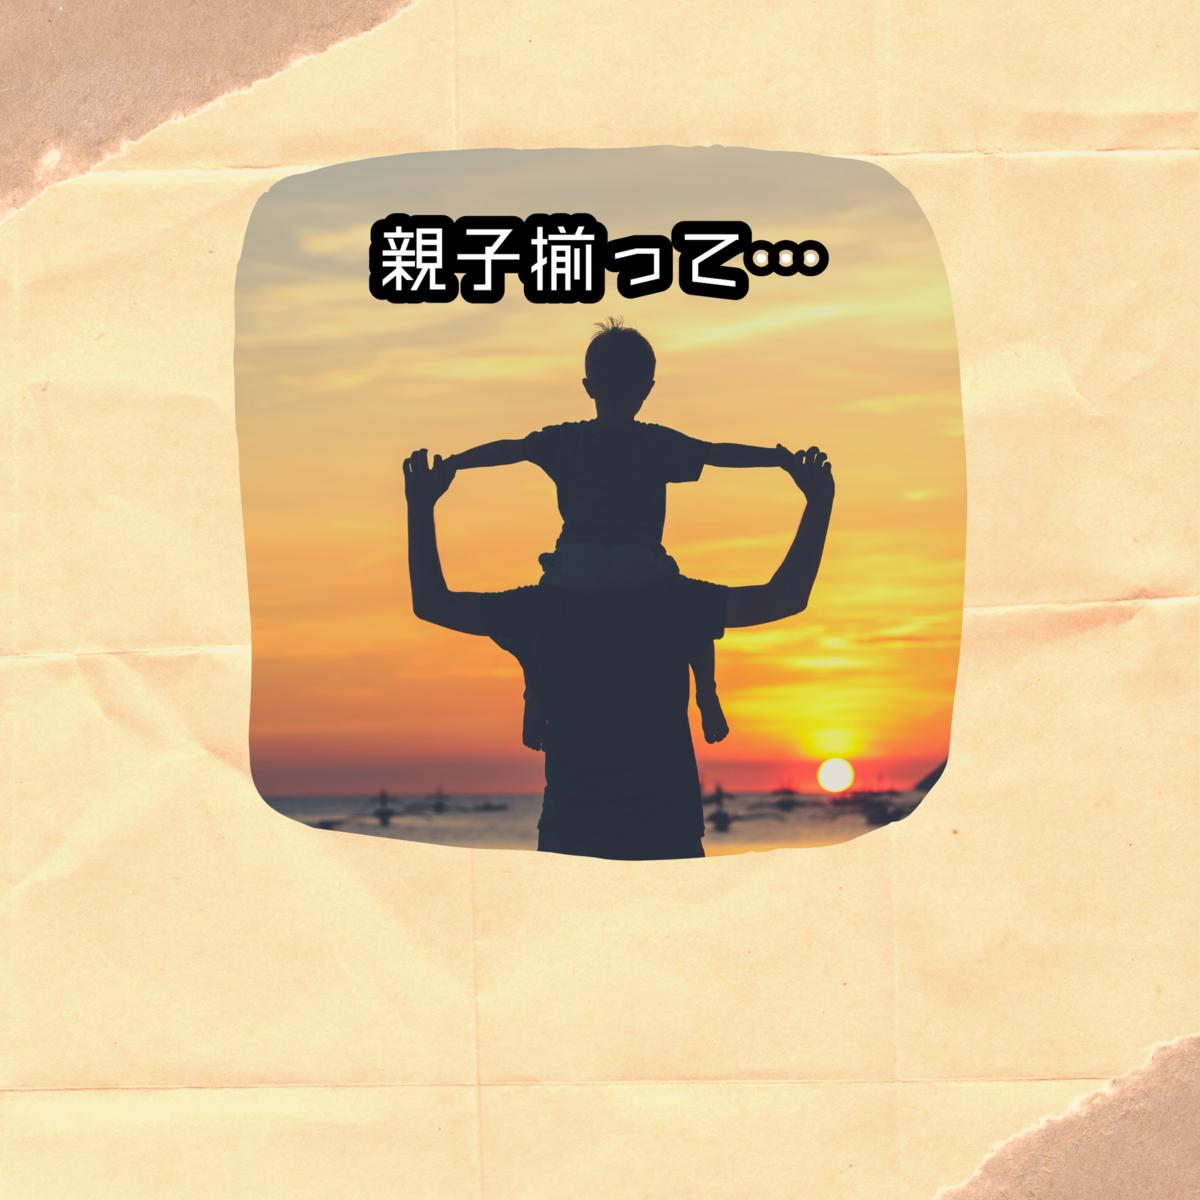 f:id:hamuhamu18:20200613174520p:plain